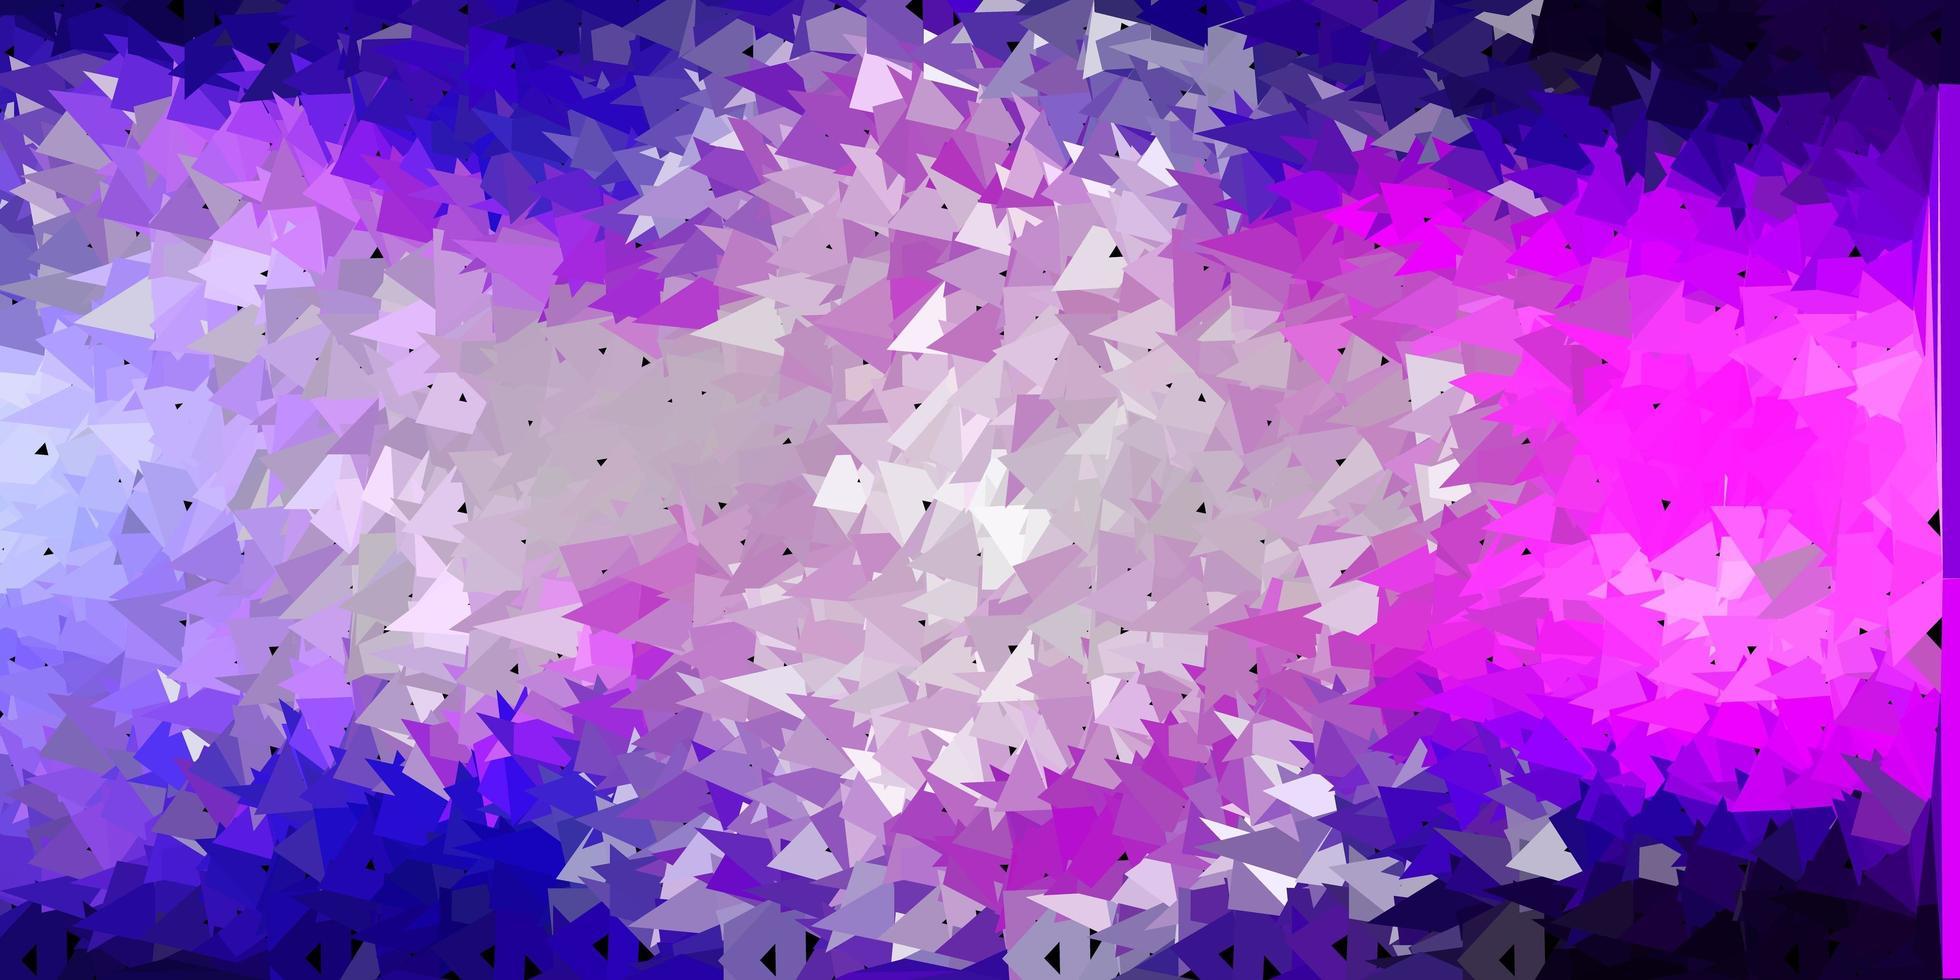 luz rosa vetor abstrato triângulo padrão.